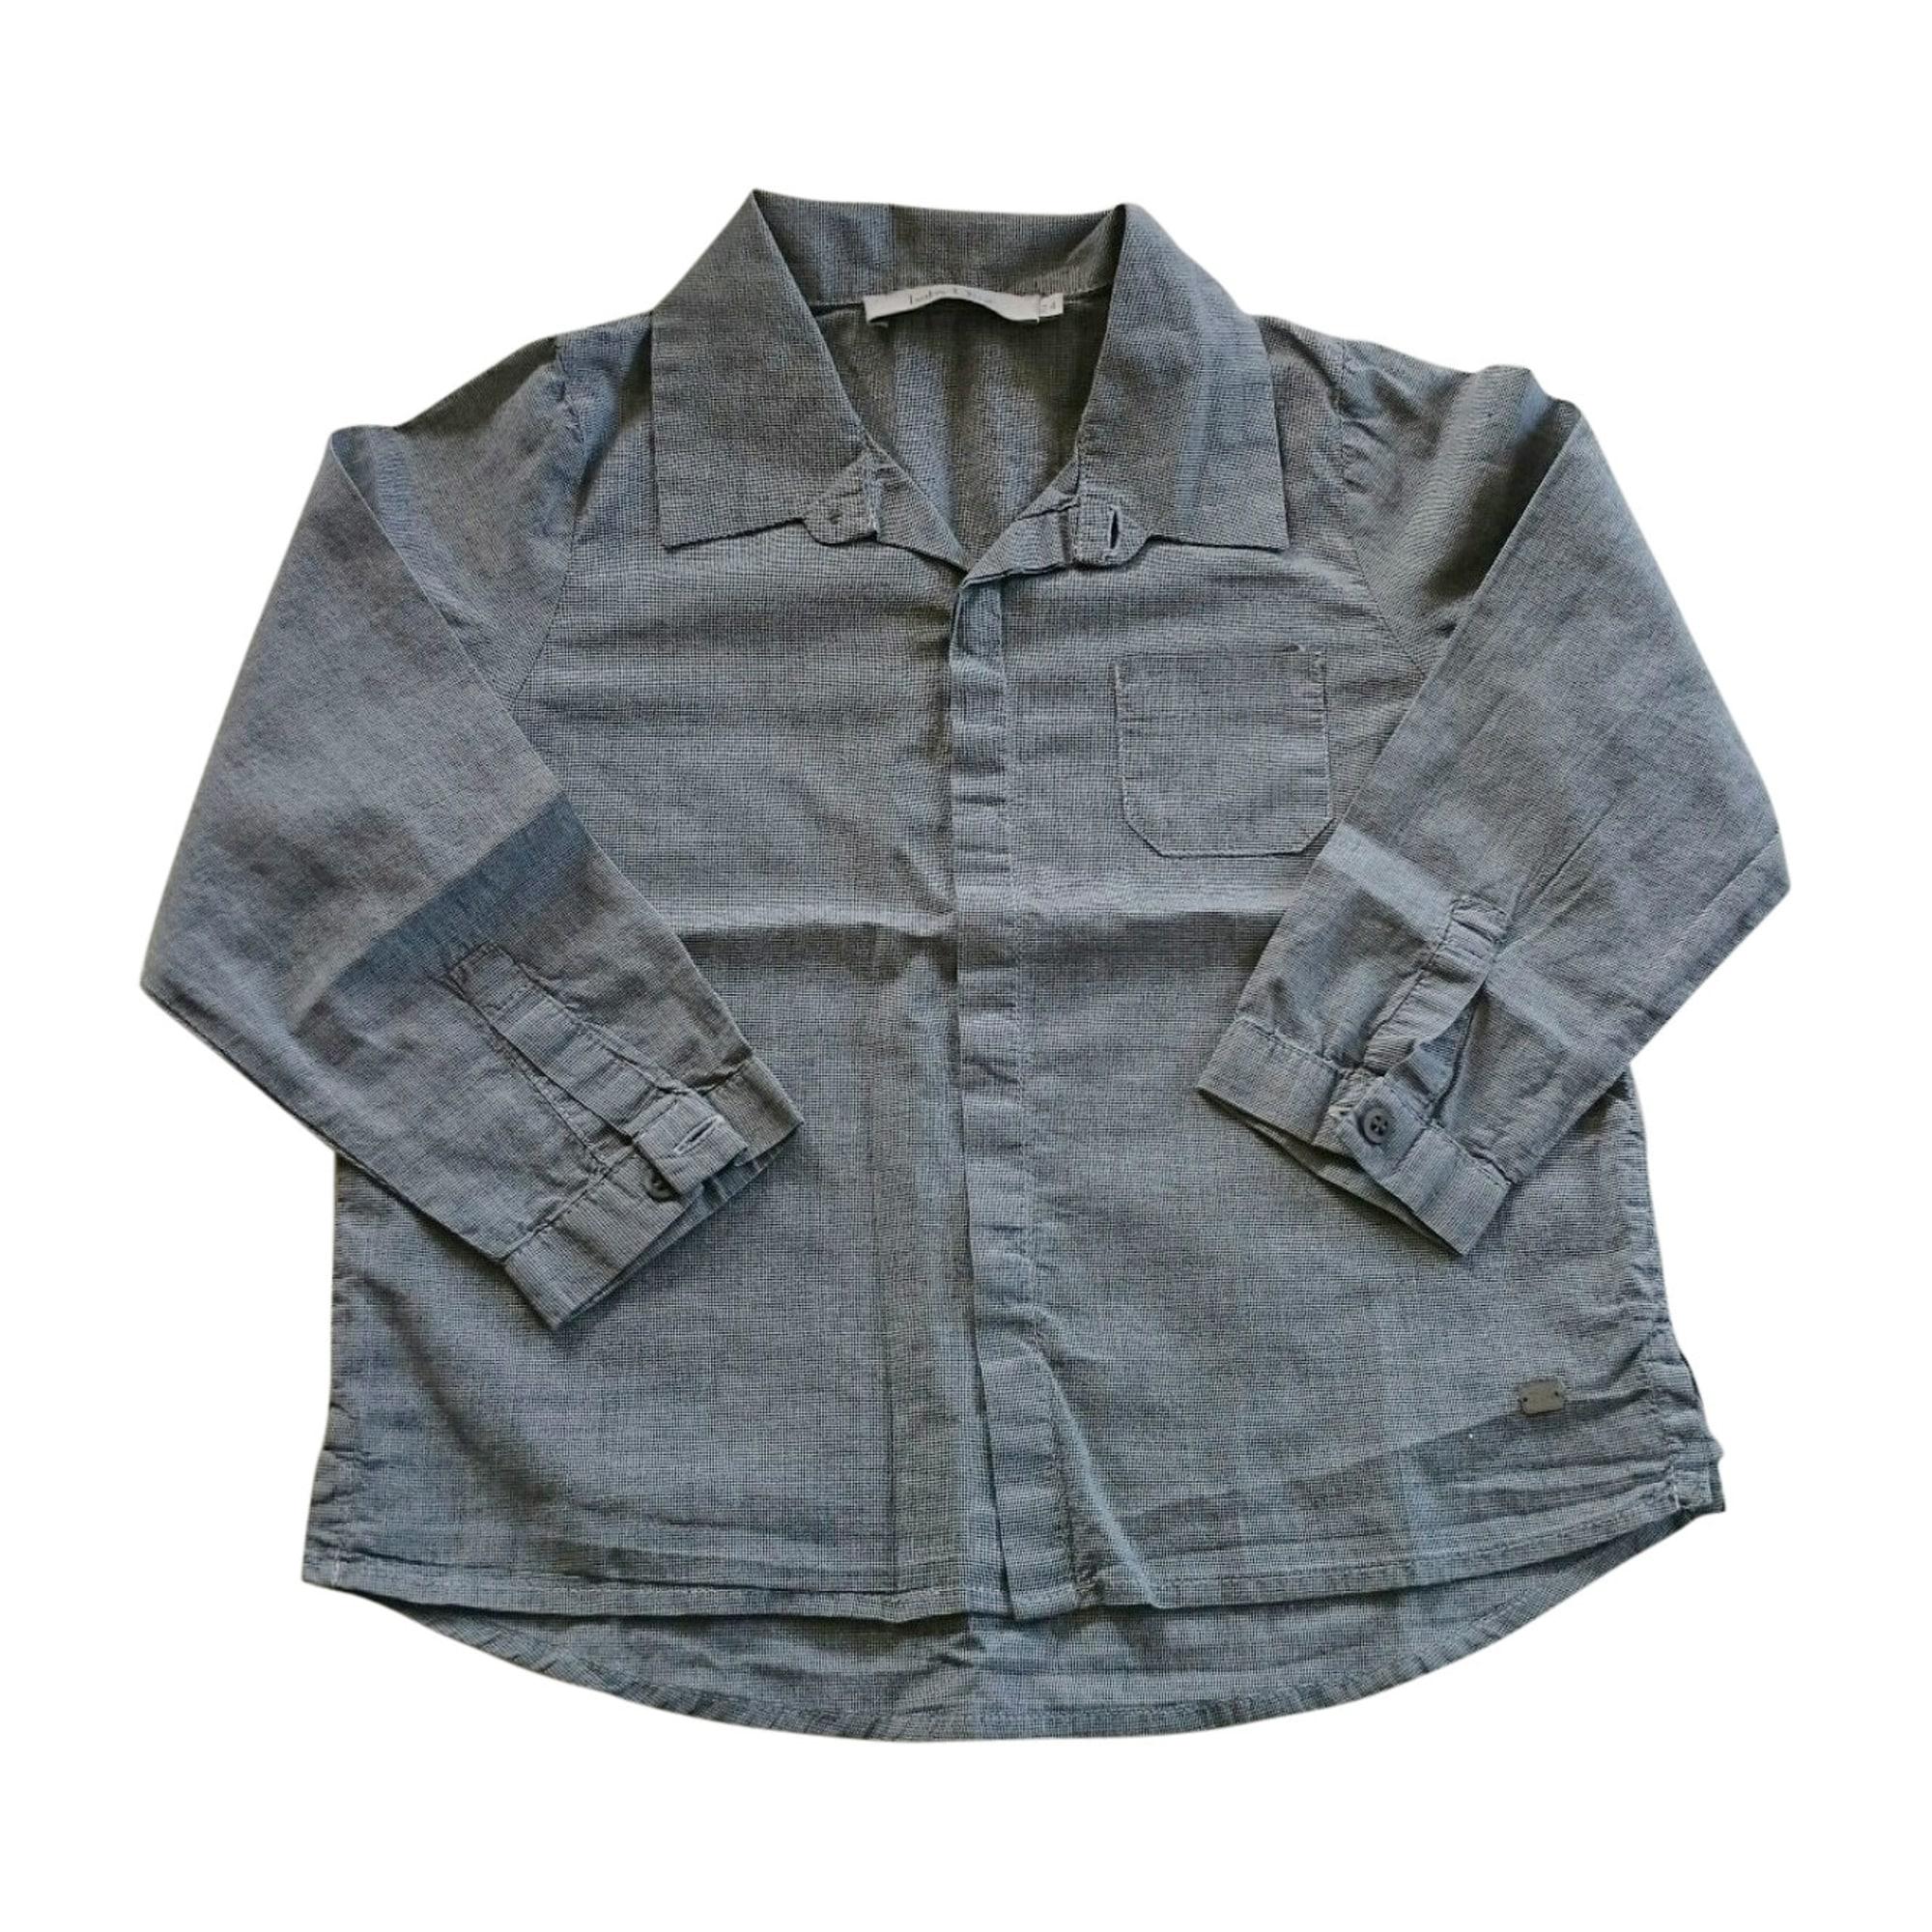 Shirt BABY DIOR Gray, charcoal